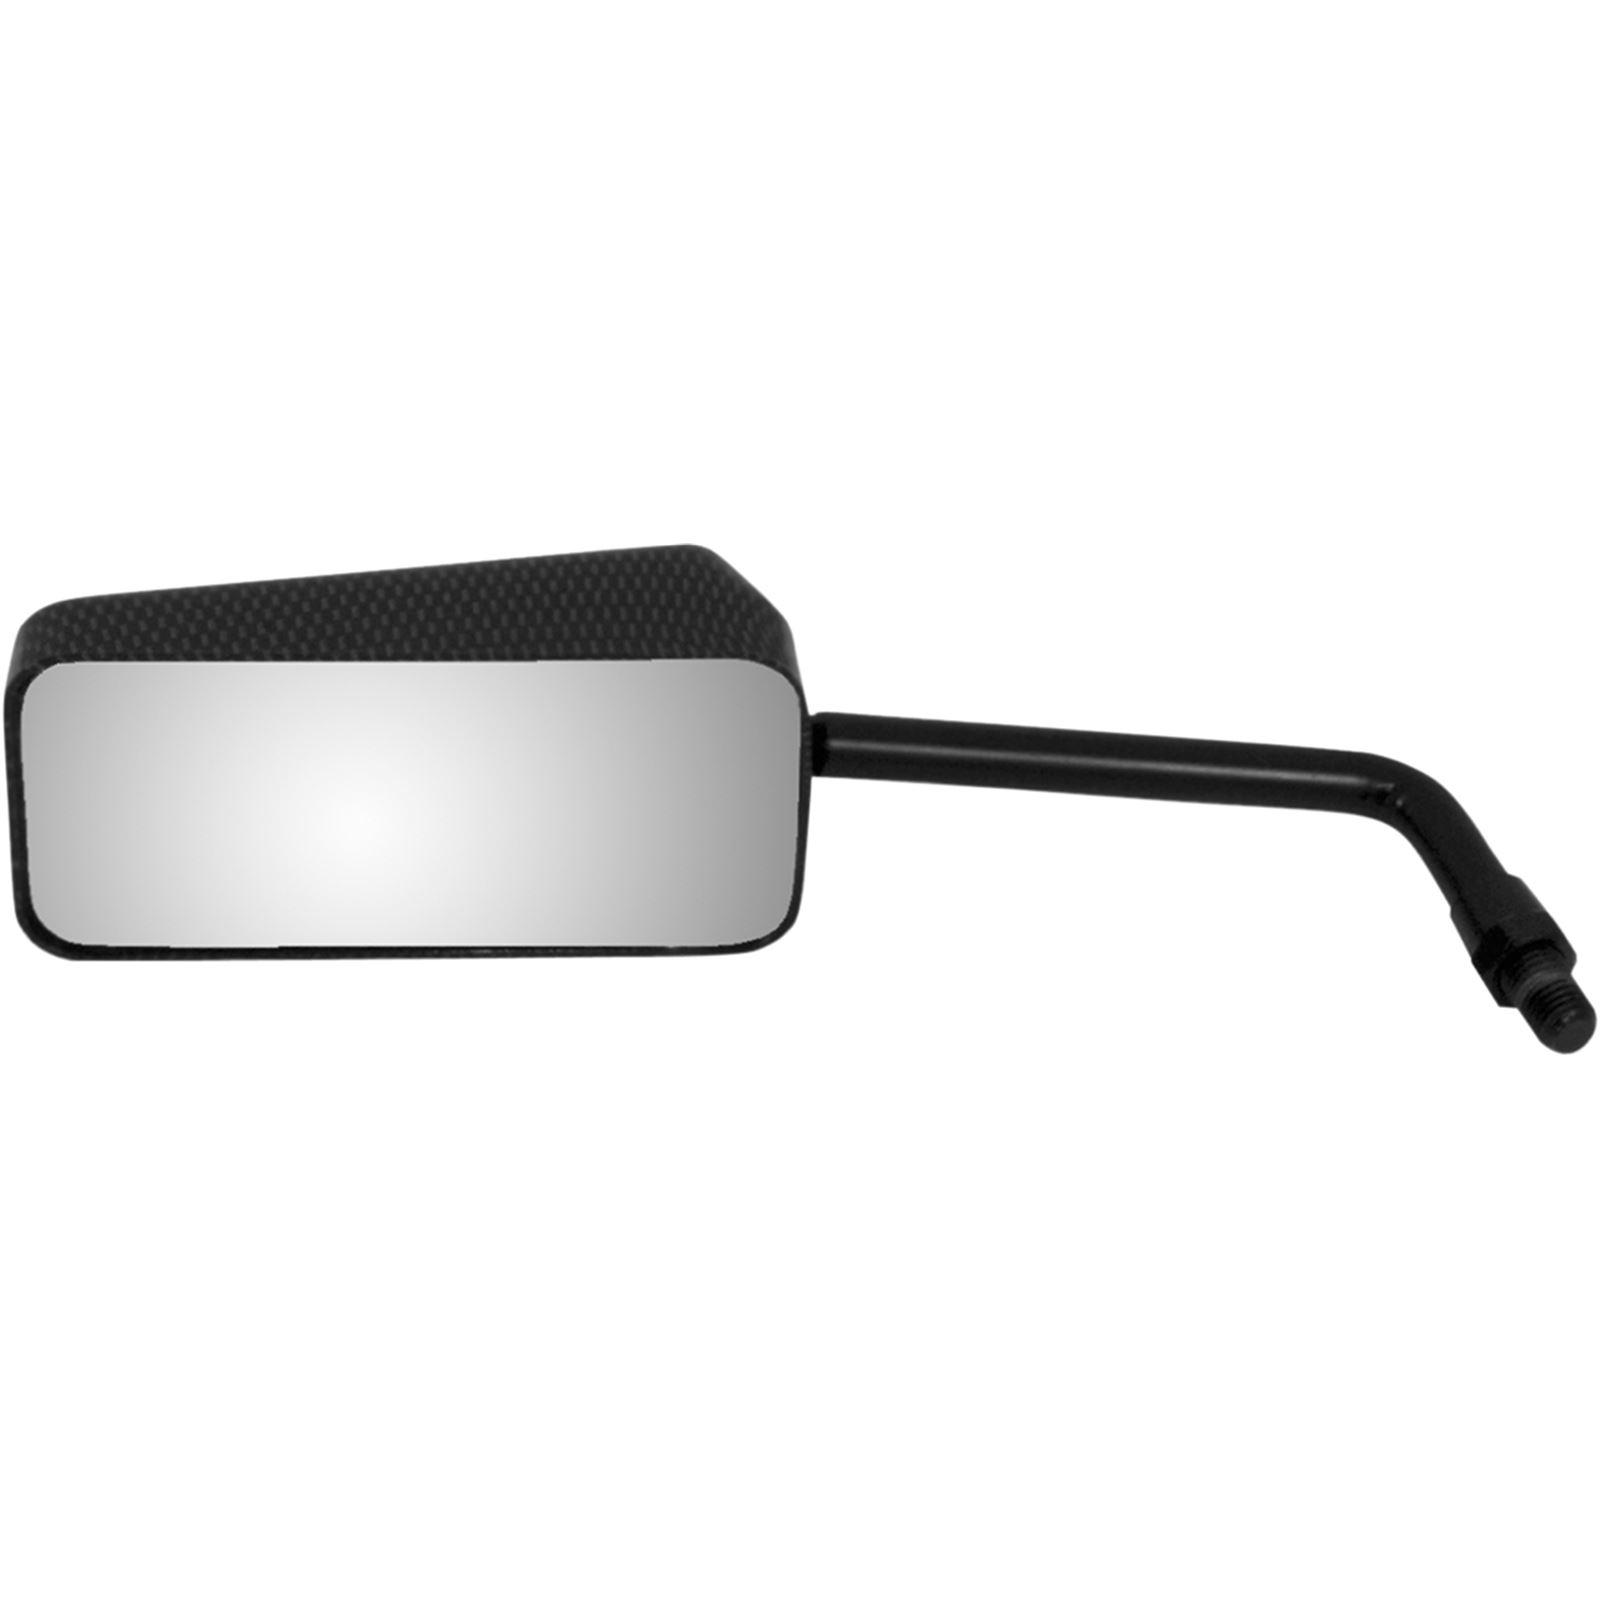 Emgo Mirror - Euro - Carbon Fiber